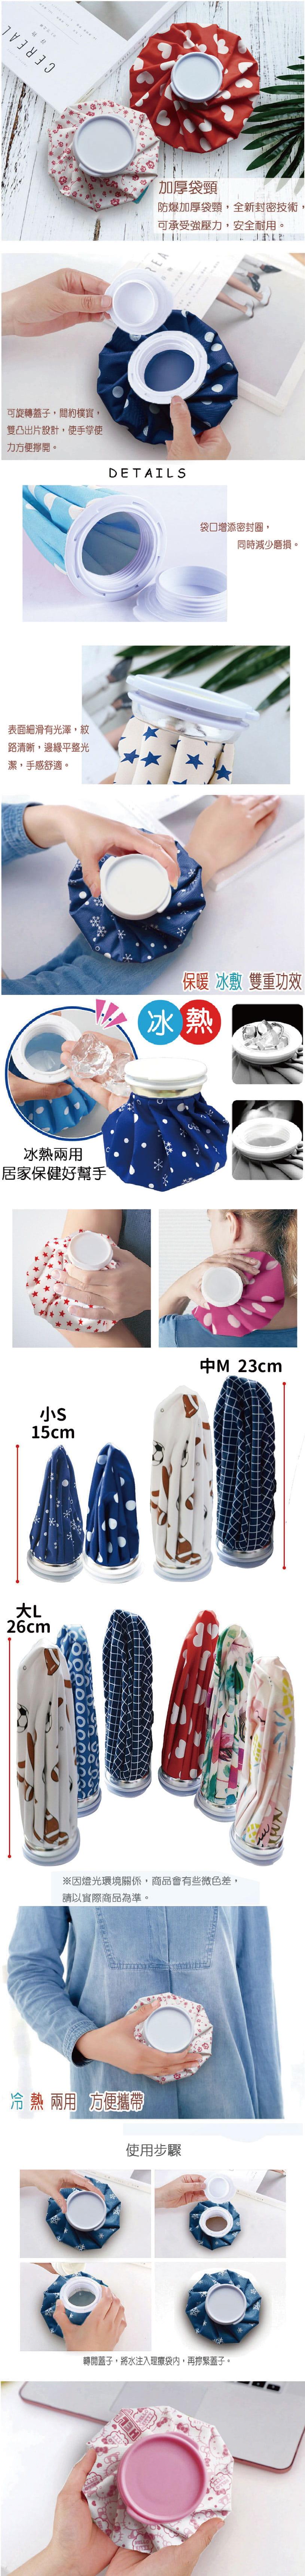 【勝利者】冰敷熱敷兩用袋 M二入一組 熱水袋(顏色採隨機出貨) 1